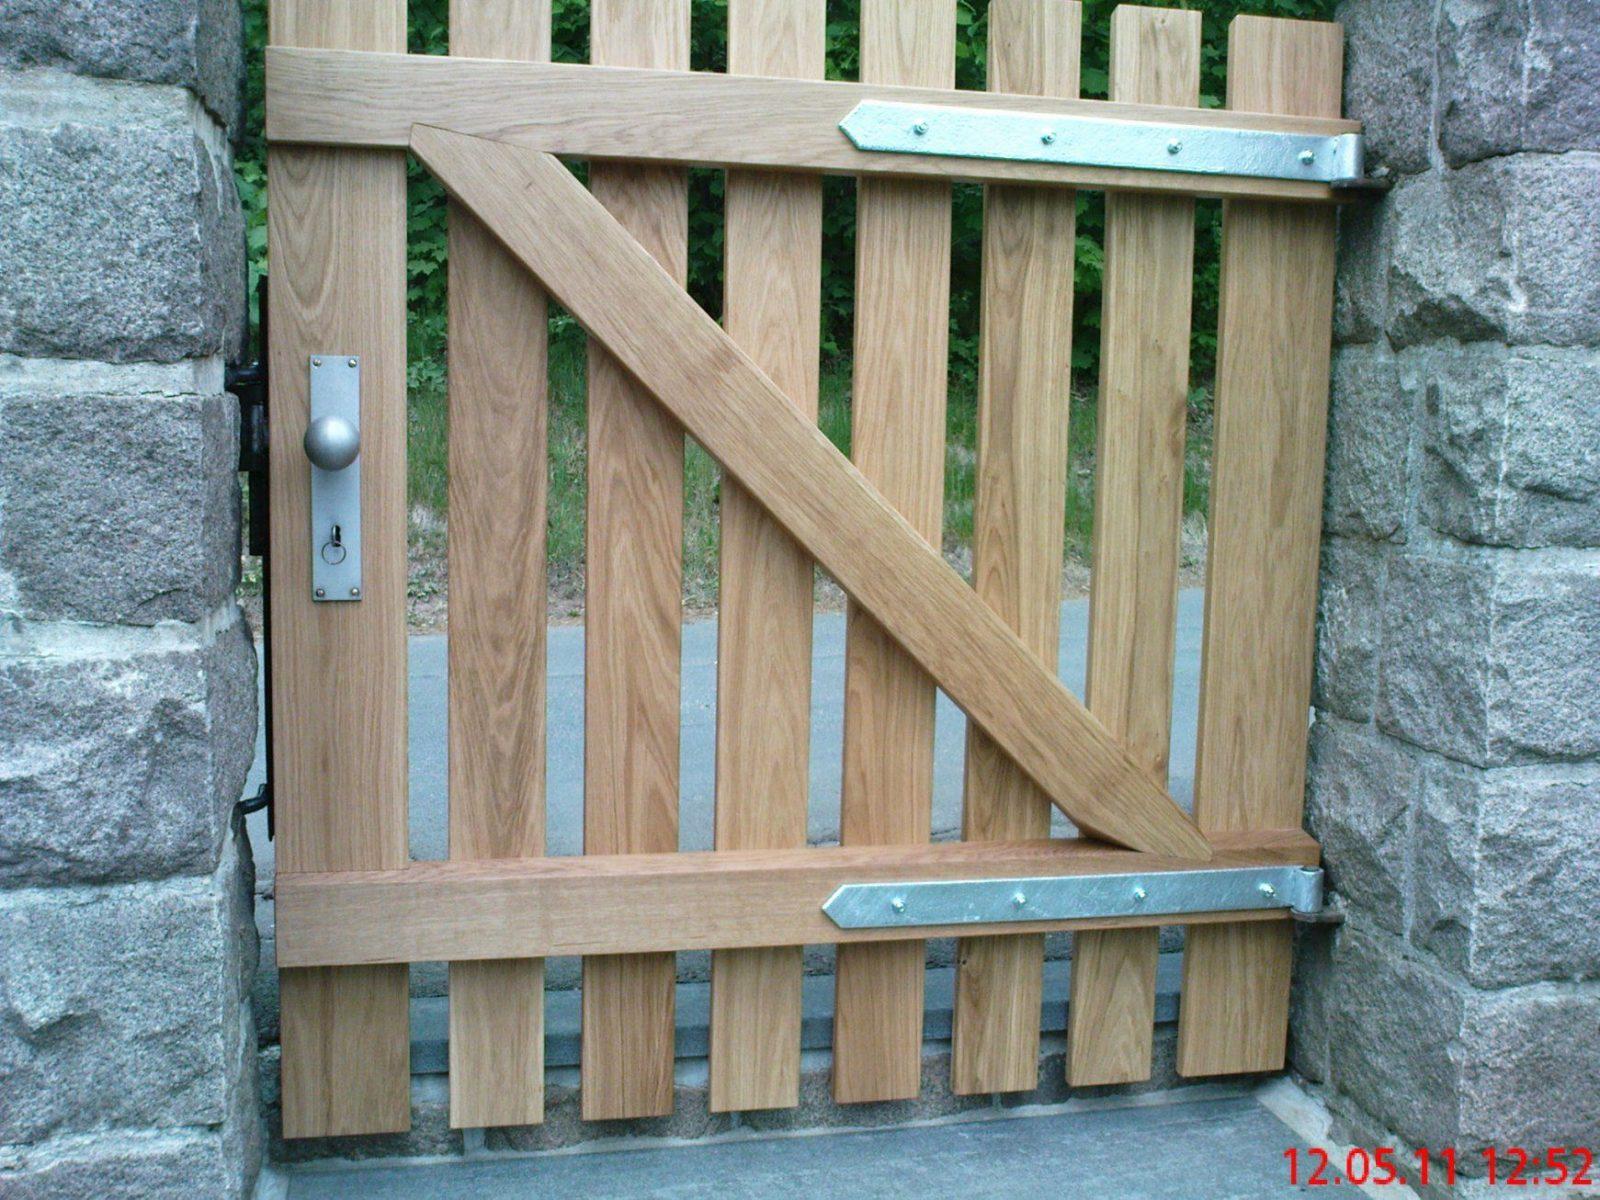 Gartenzaun Holz Selber Bauen Modern Neu Gartentor Selber Bauen von Gartentor Holz Selber Bauen Photo